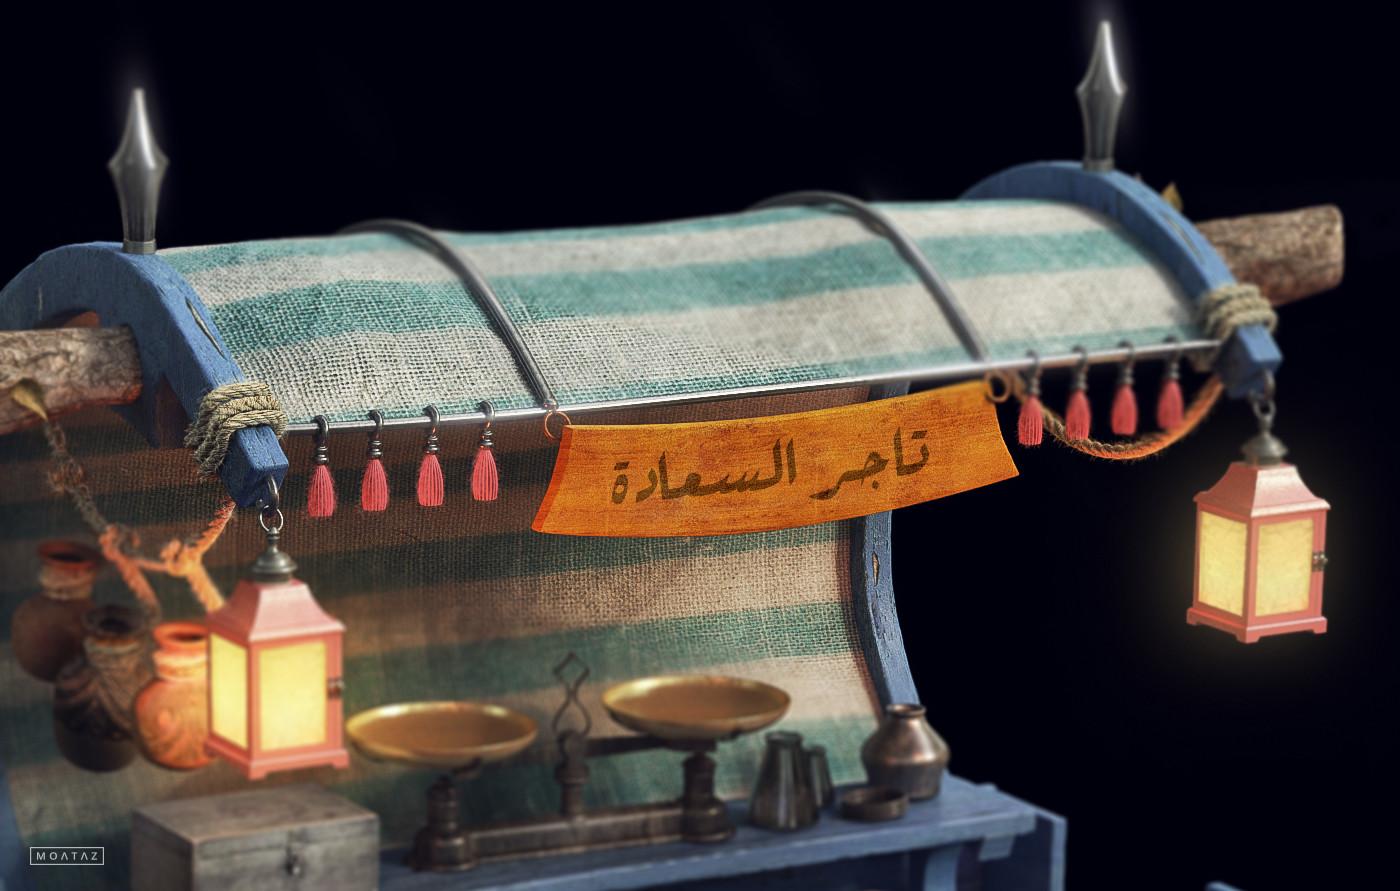 Moataz el sayed cart 1400 0